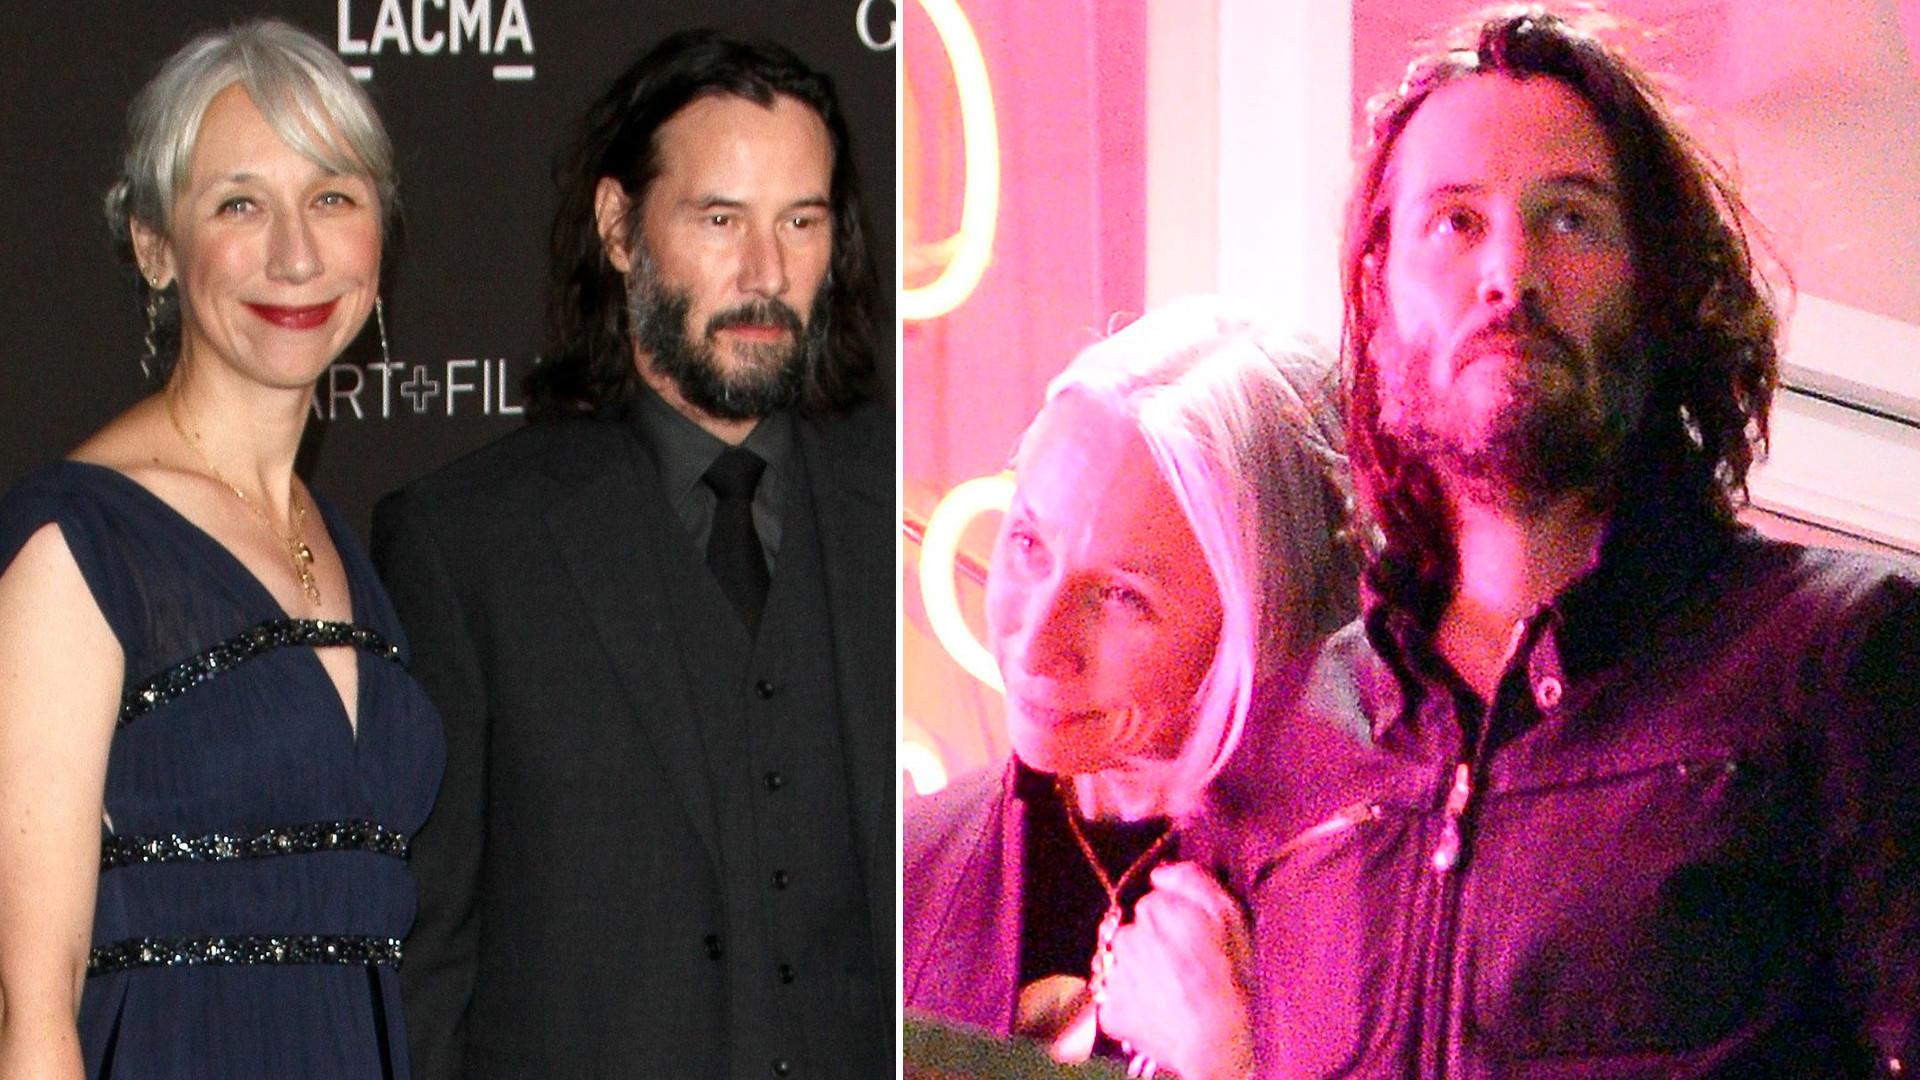 Więcej szczegółów na temat związku Keanu Reeves'a i Alexandry Grant